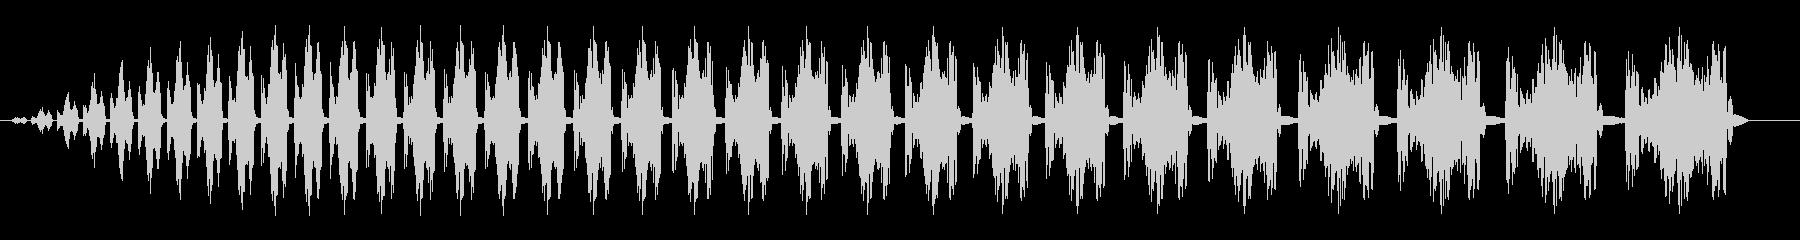 コミカル飛行音(次第に重くなる音)の未再生の波形